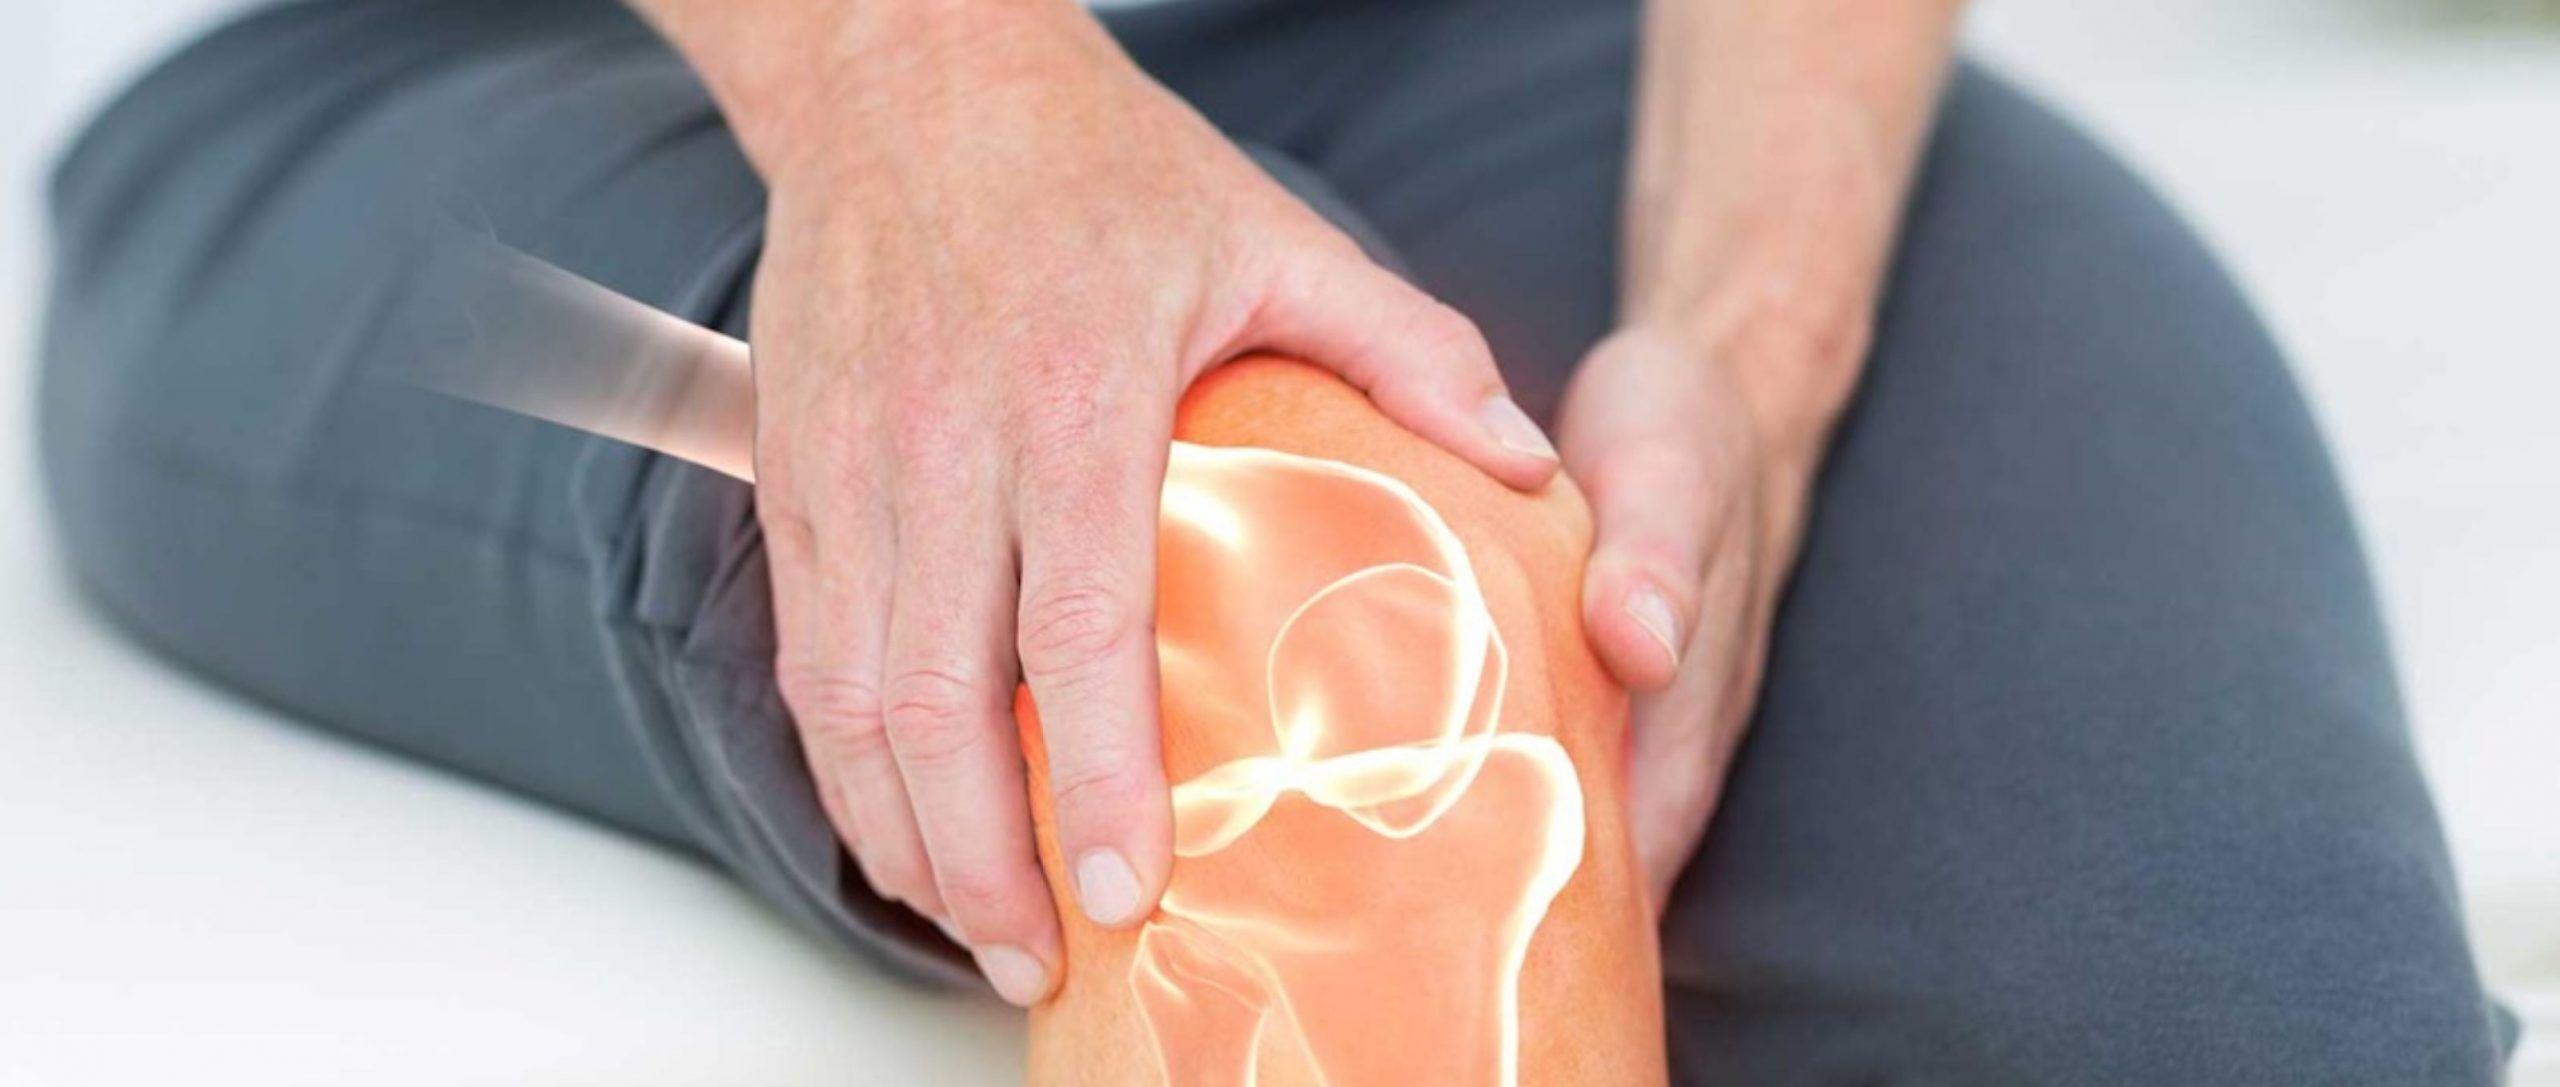 cum se exprimă artroza genunchiului